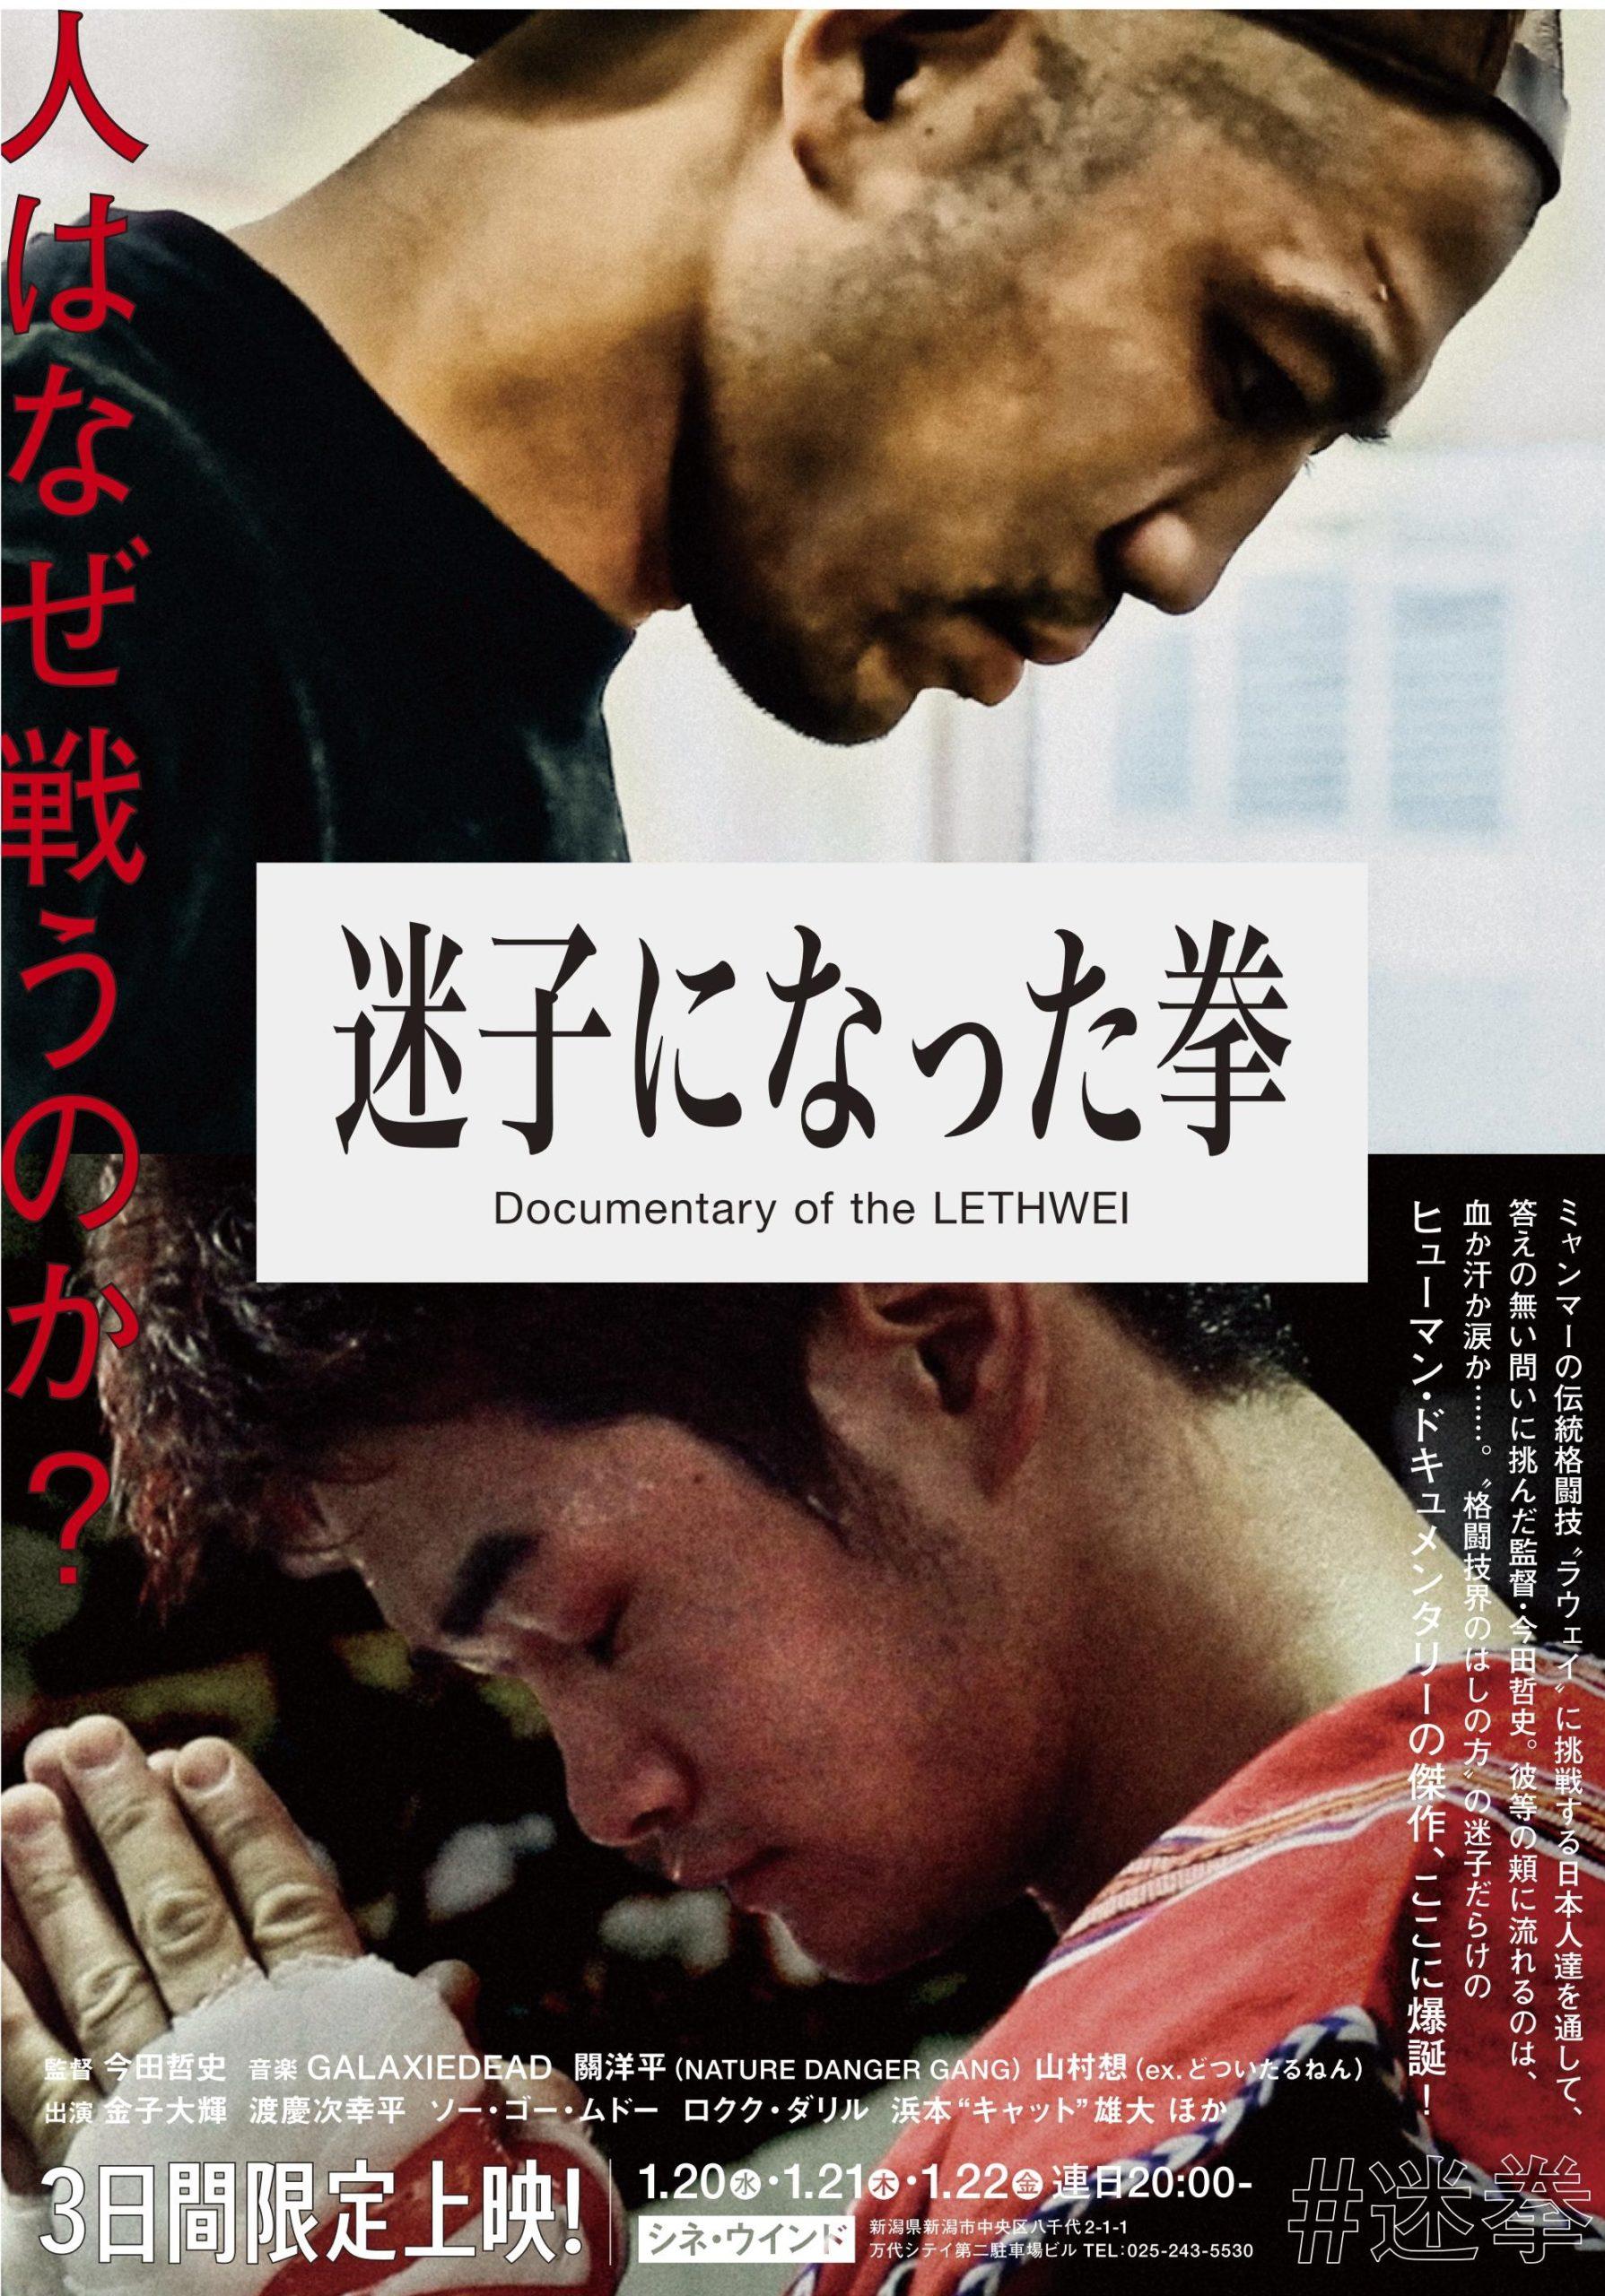 『迷子になった拳』特別先行上映決定!